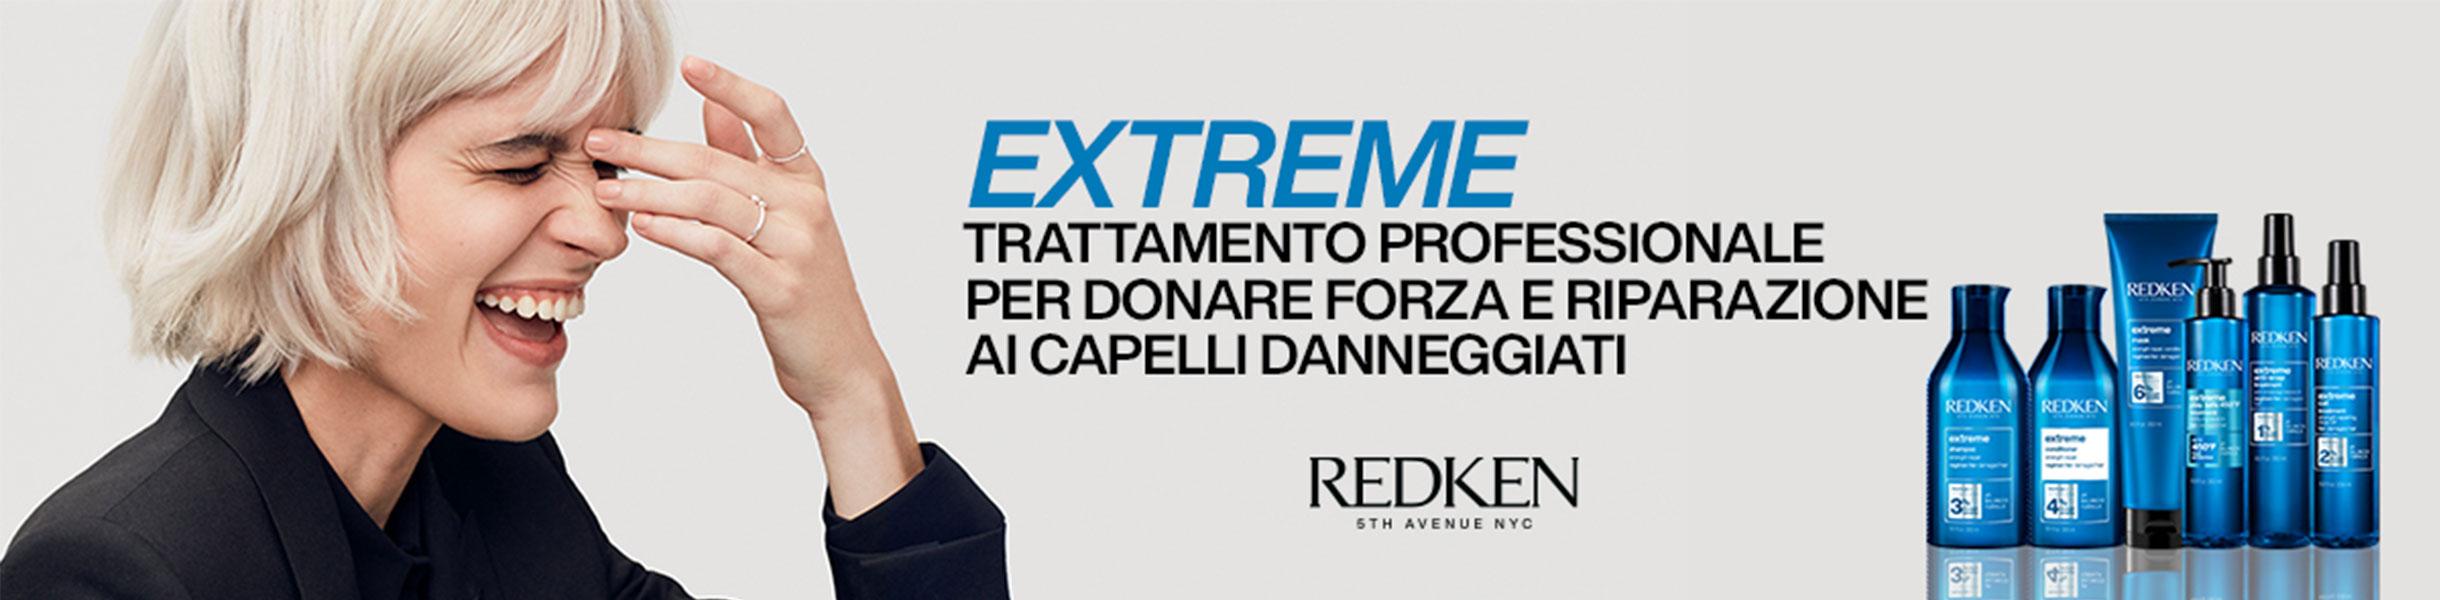 EXTREME - CAPELLI DANNEGGIATI